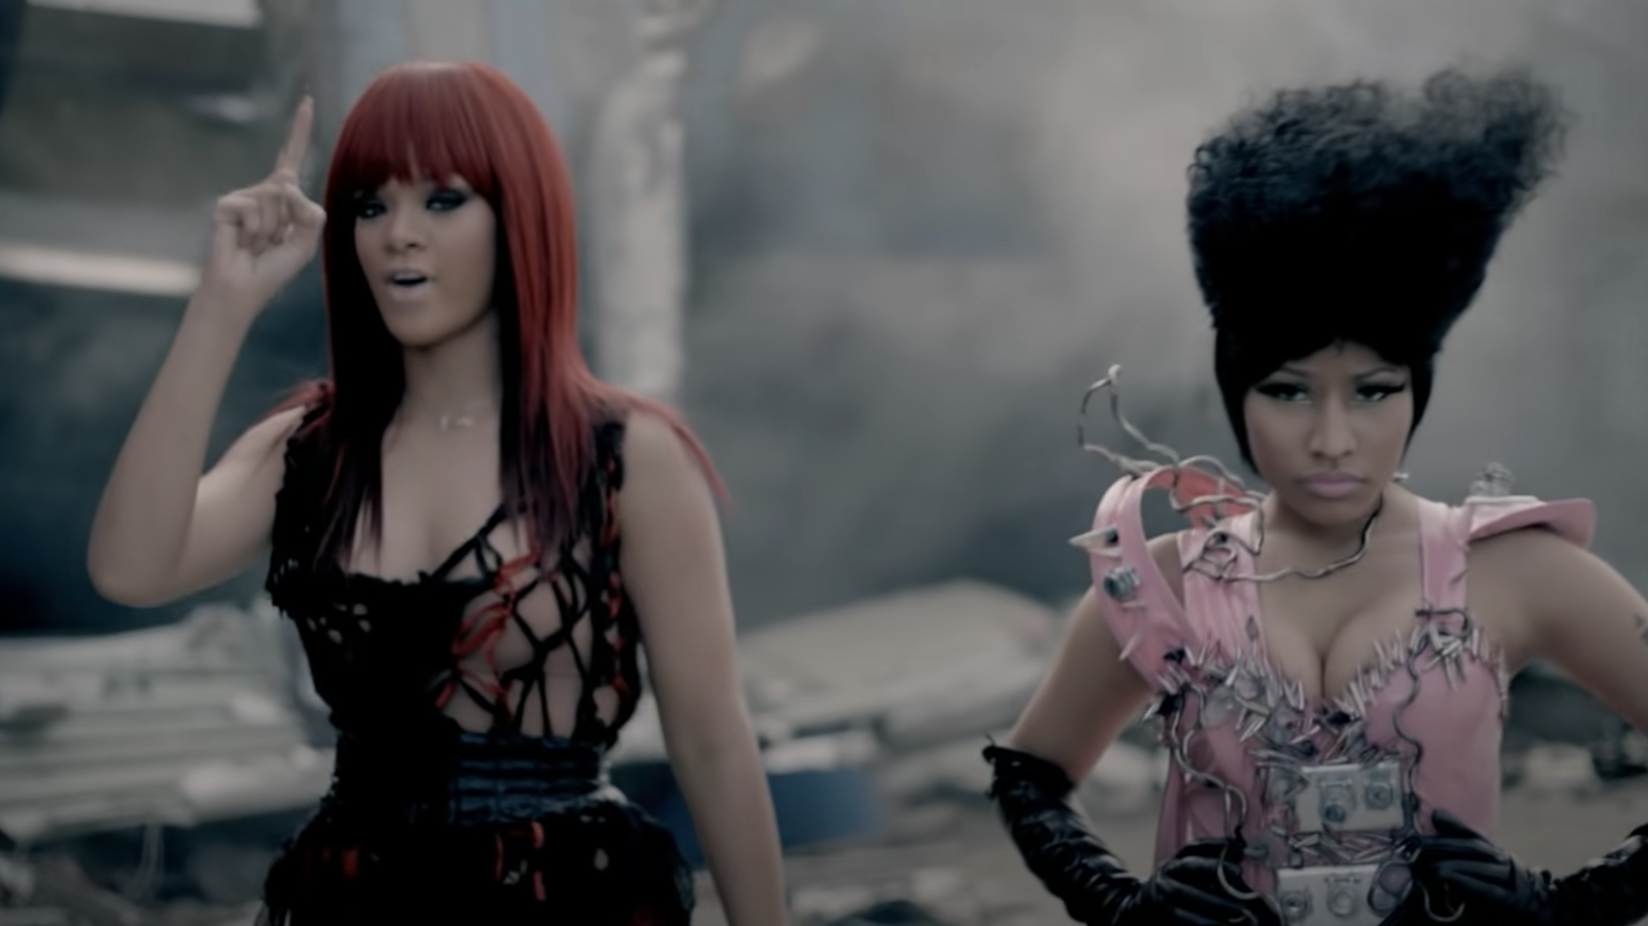 Rihanna and Nicki walking through wreckage